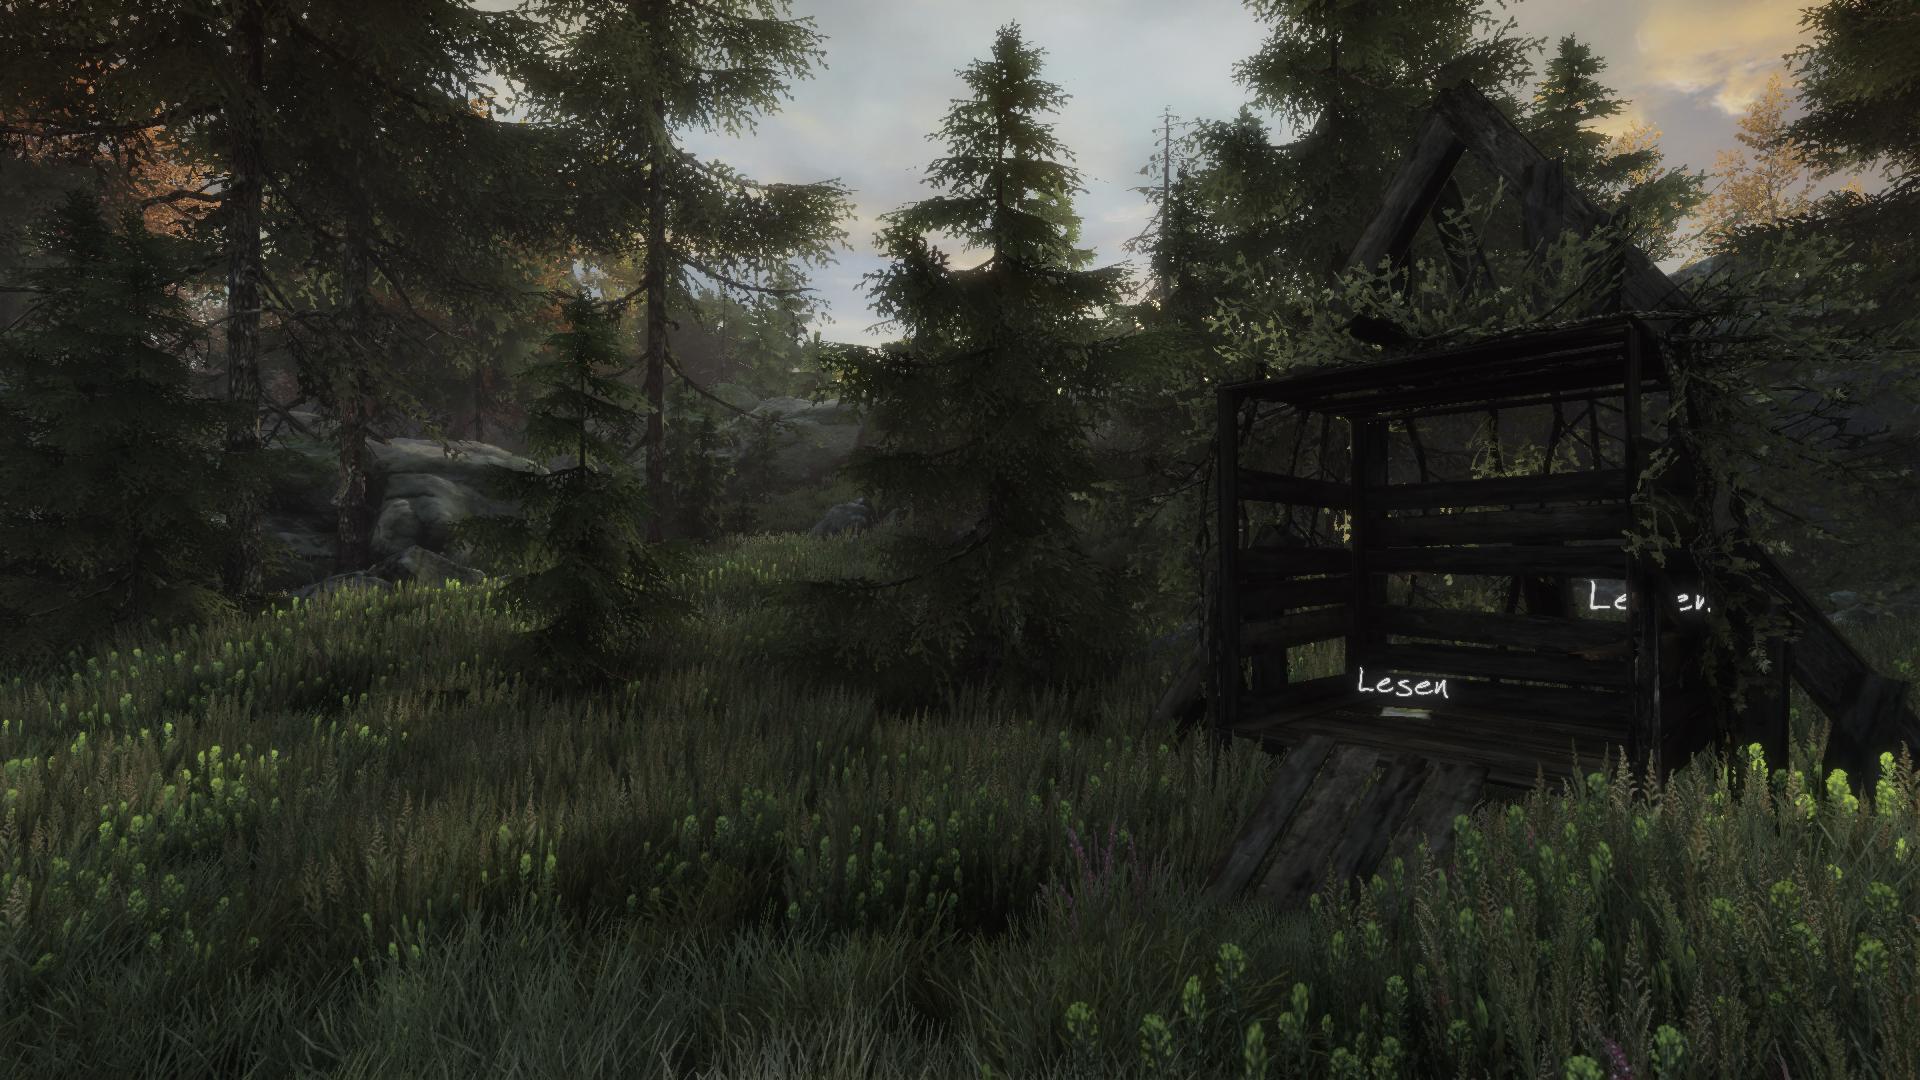 Eine grob zusammengezimmerte Hütte im Wald, darin ein Zettel mit kindlicher Schrift und das zerissene Cover einer Weltraumgeschichte - die Gedanken spinnen langsam ein Netz